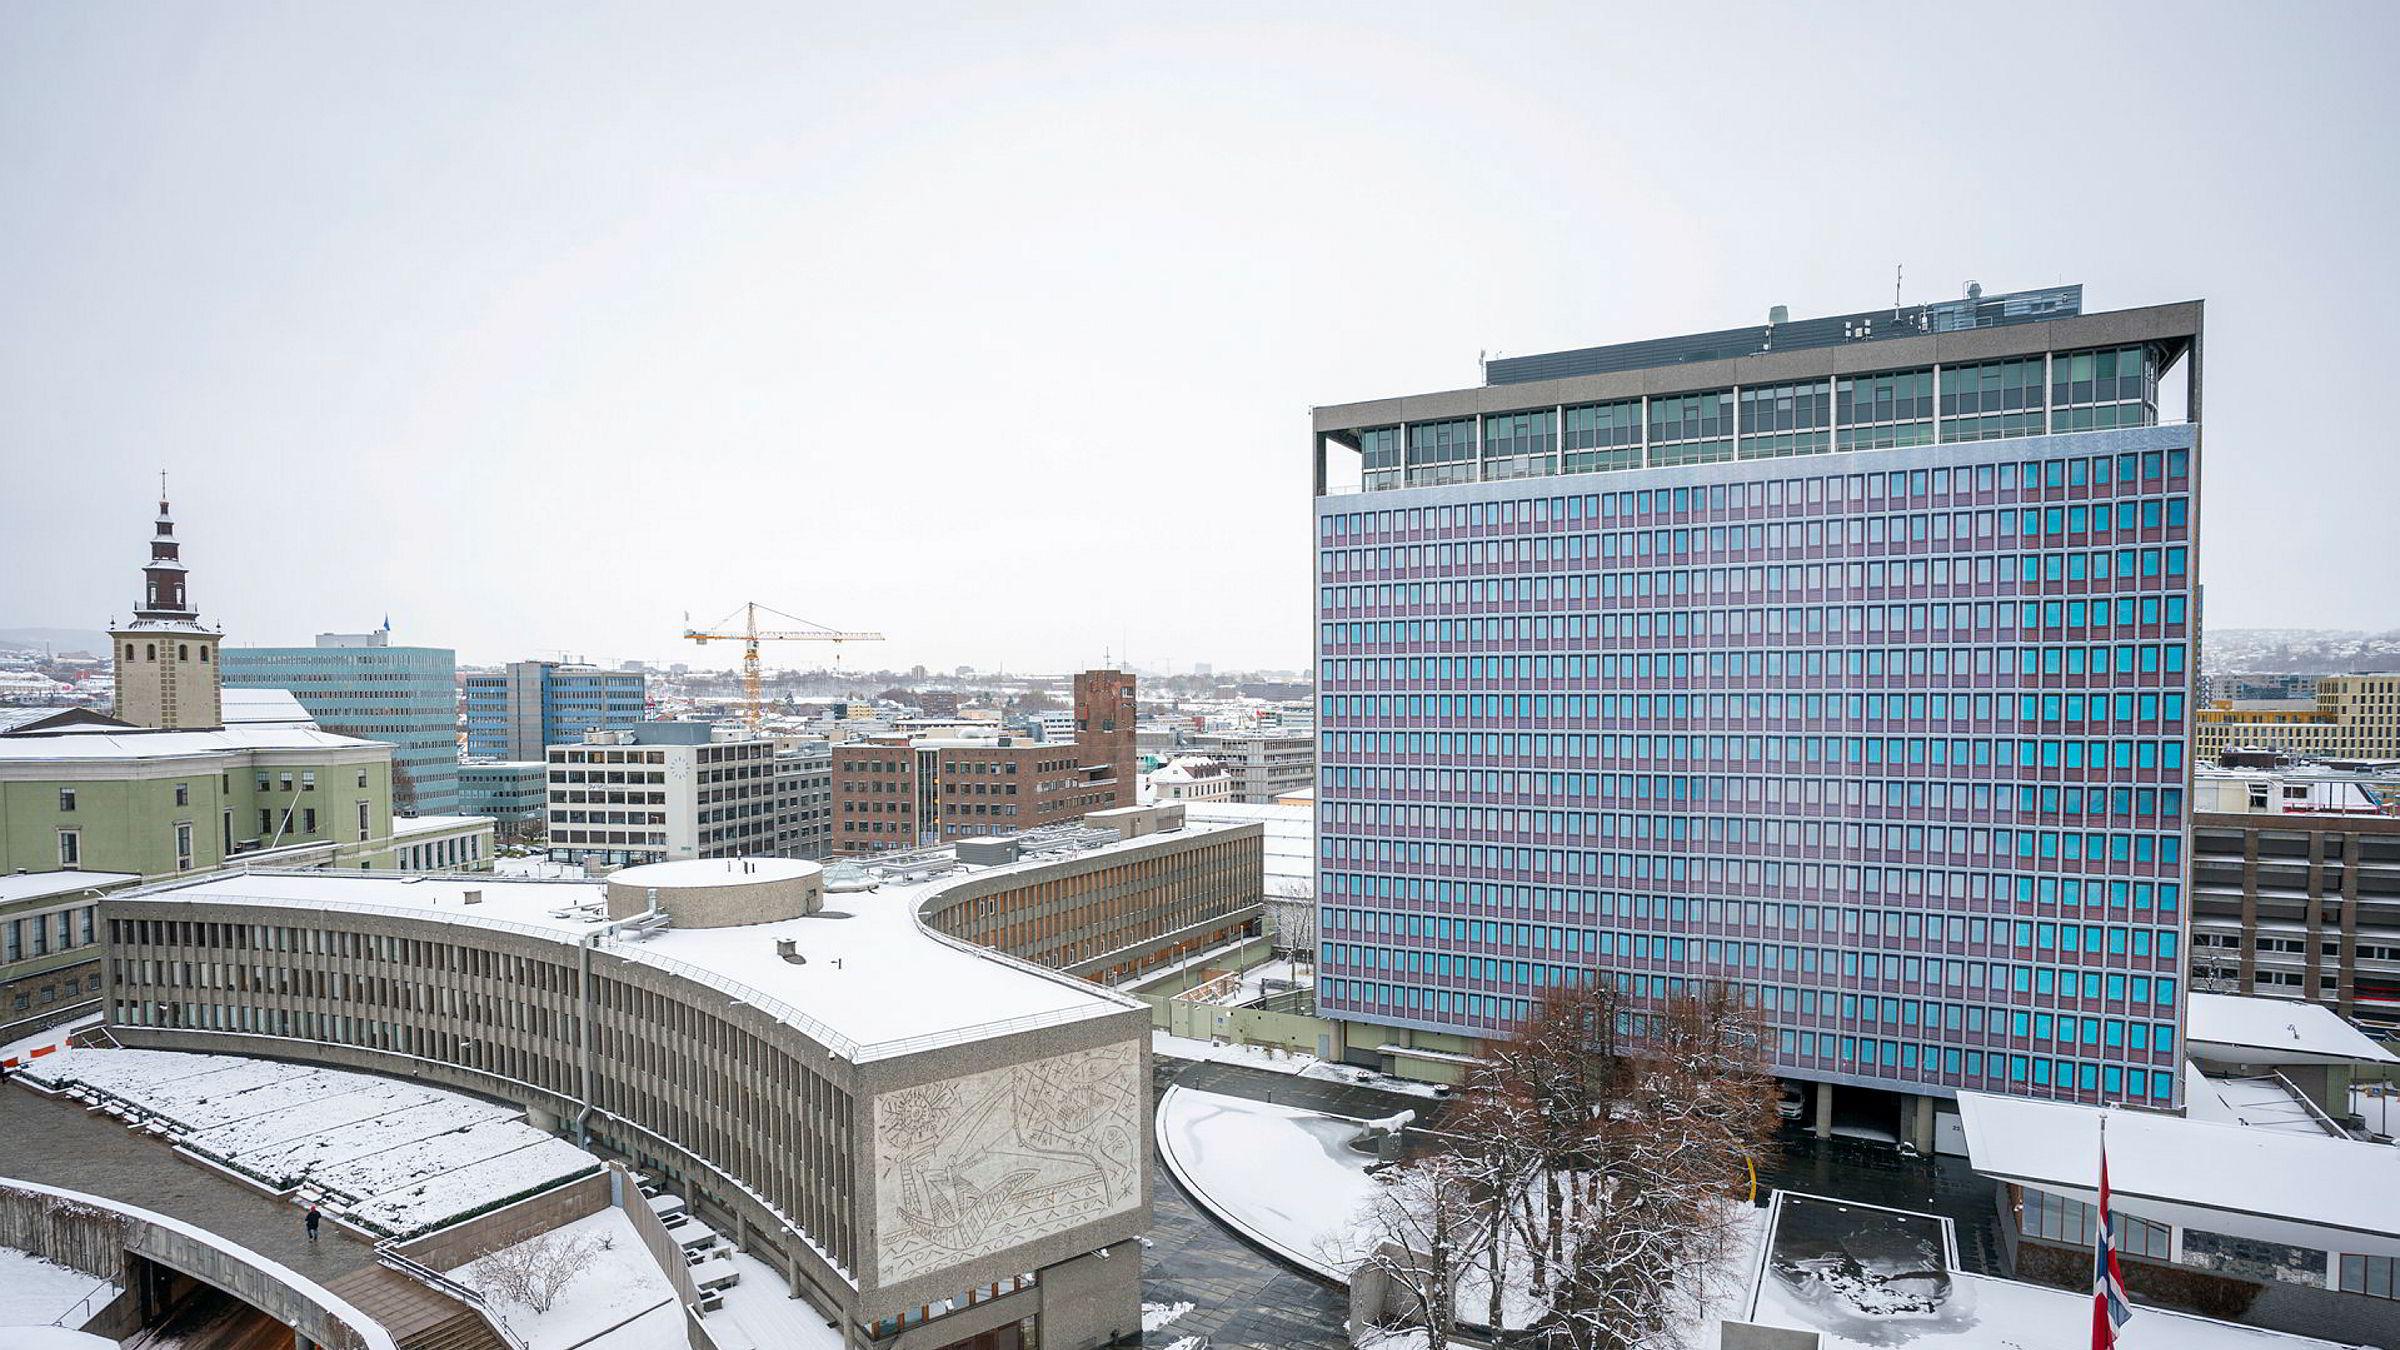 Fylkesmannen i Oslo og Viken har godkjent vedtaket om riving av Y-blokken, og regjeringen vil ikke vurdere saken på nytt.